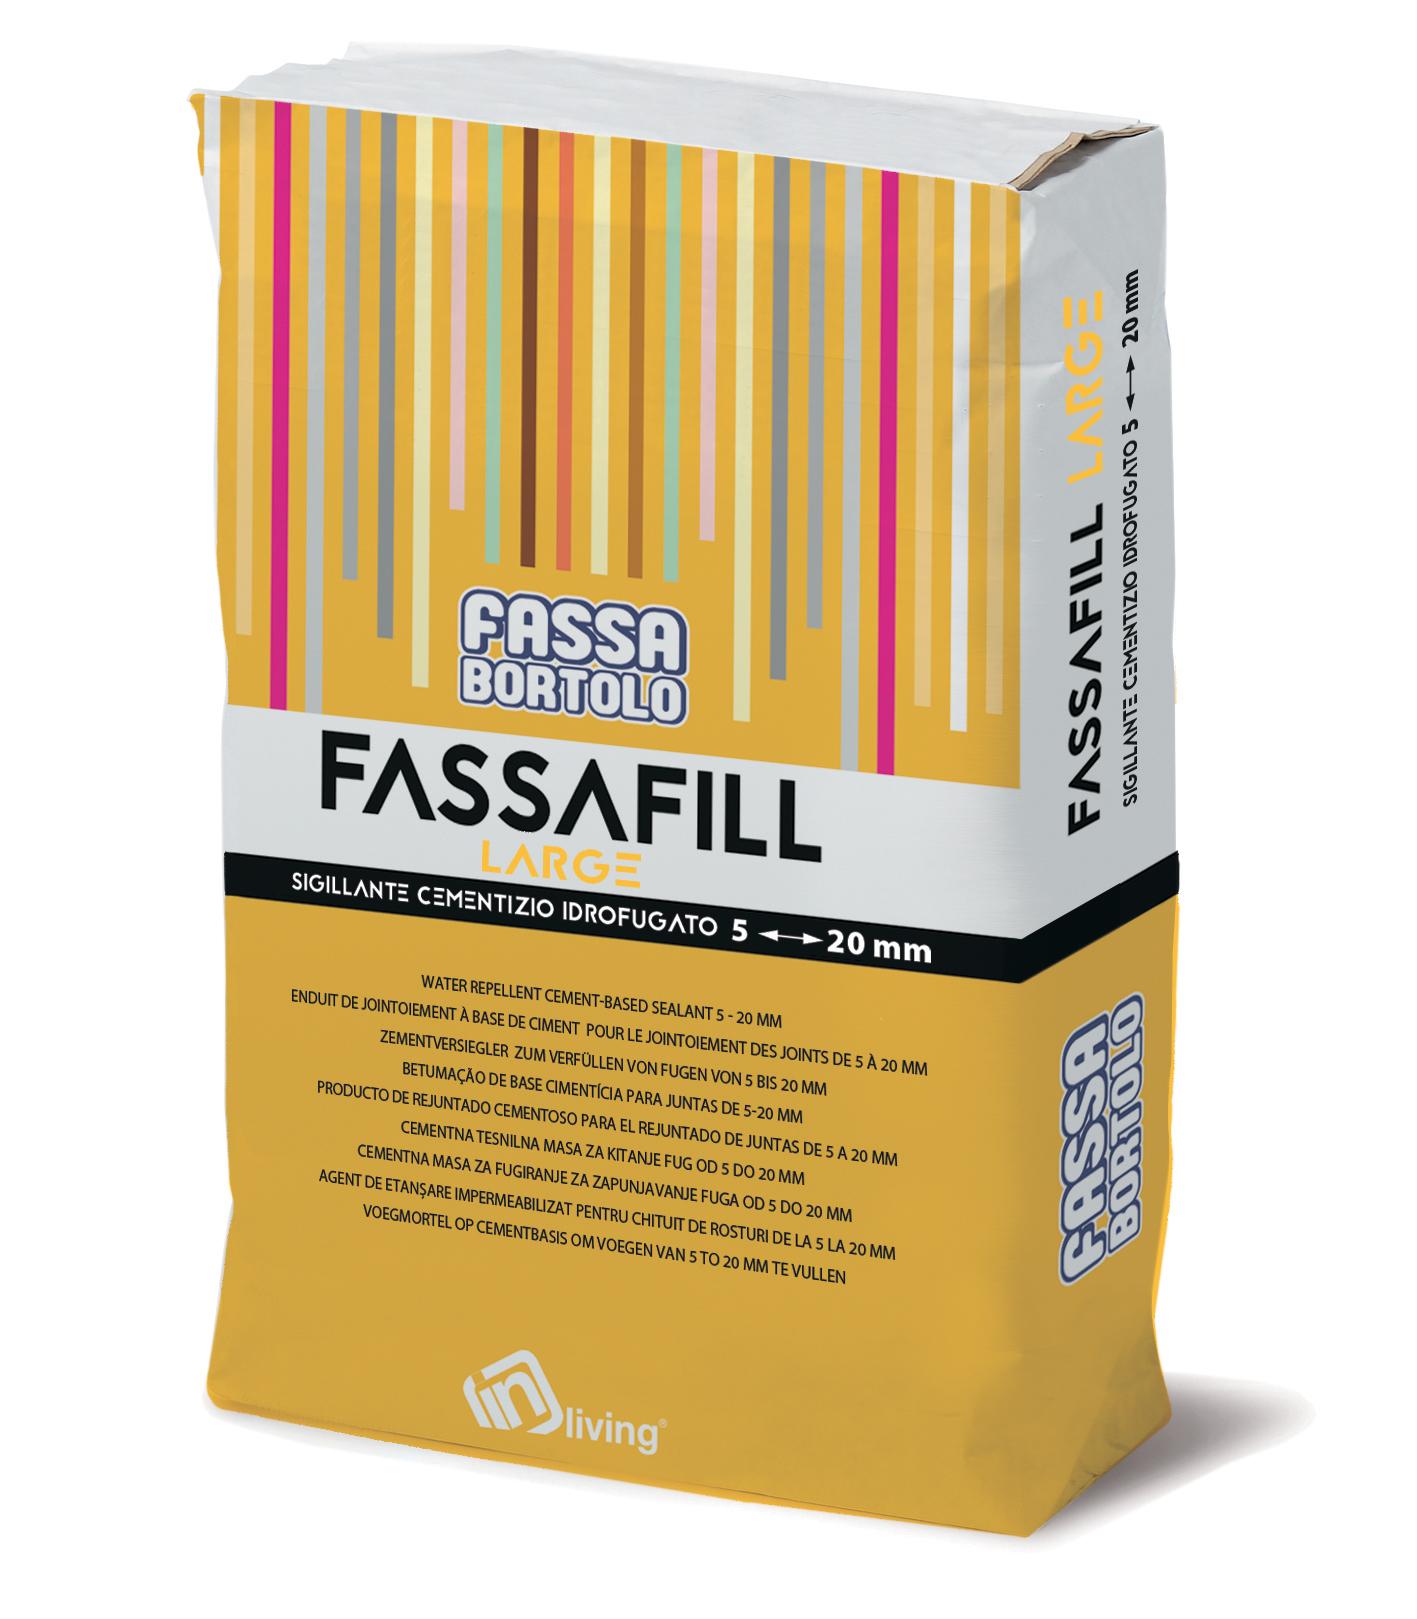 FASSAFILL LARGE: Mortier de jointoiement à base de ciment, hydrofugé, avec de hautes résistances mécaniques et une résistance à l'abrasion élevée, résistant aux moisissures et aux algues, pour réaliser des joints de 5 à 20 mm